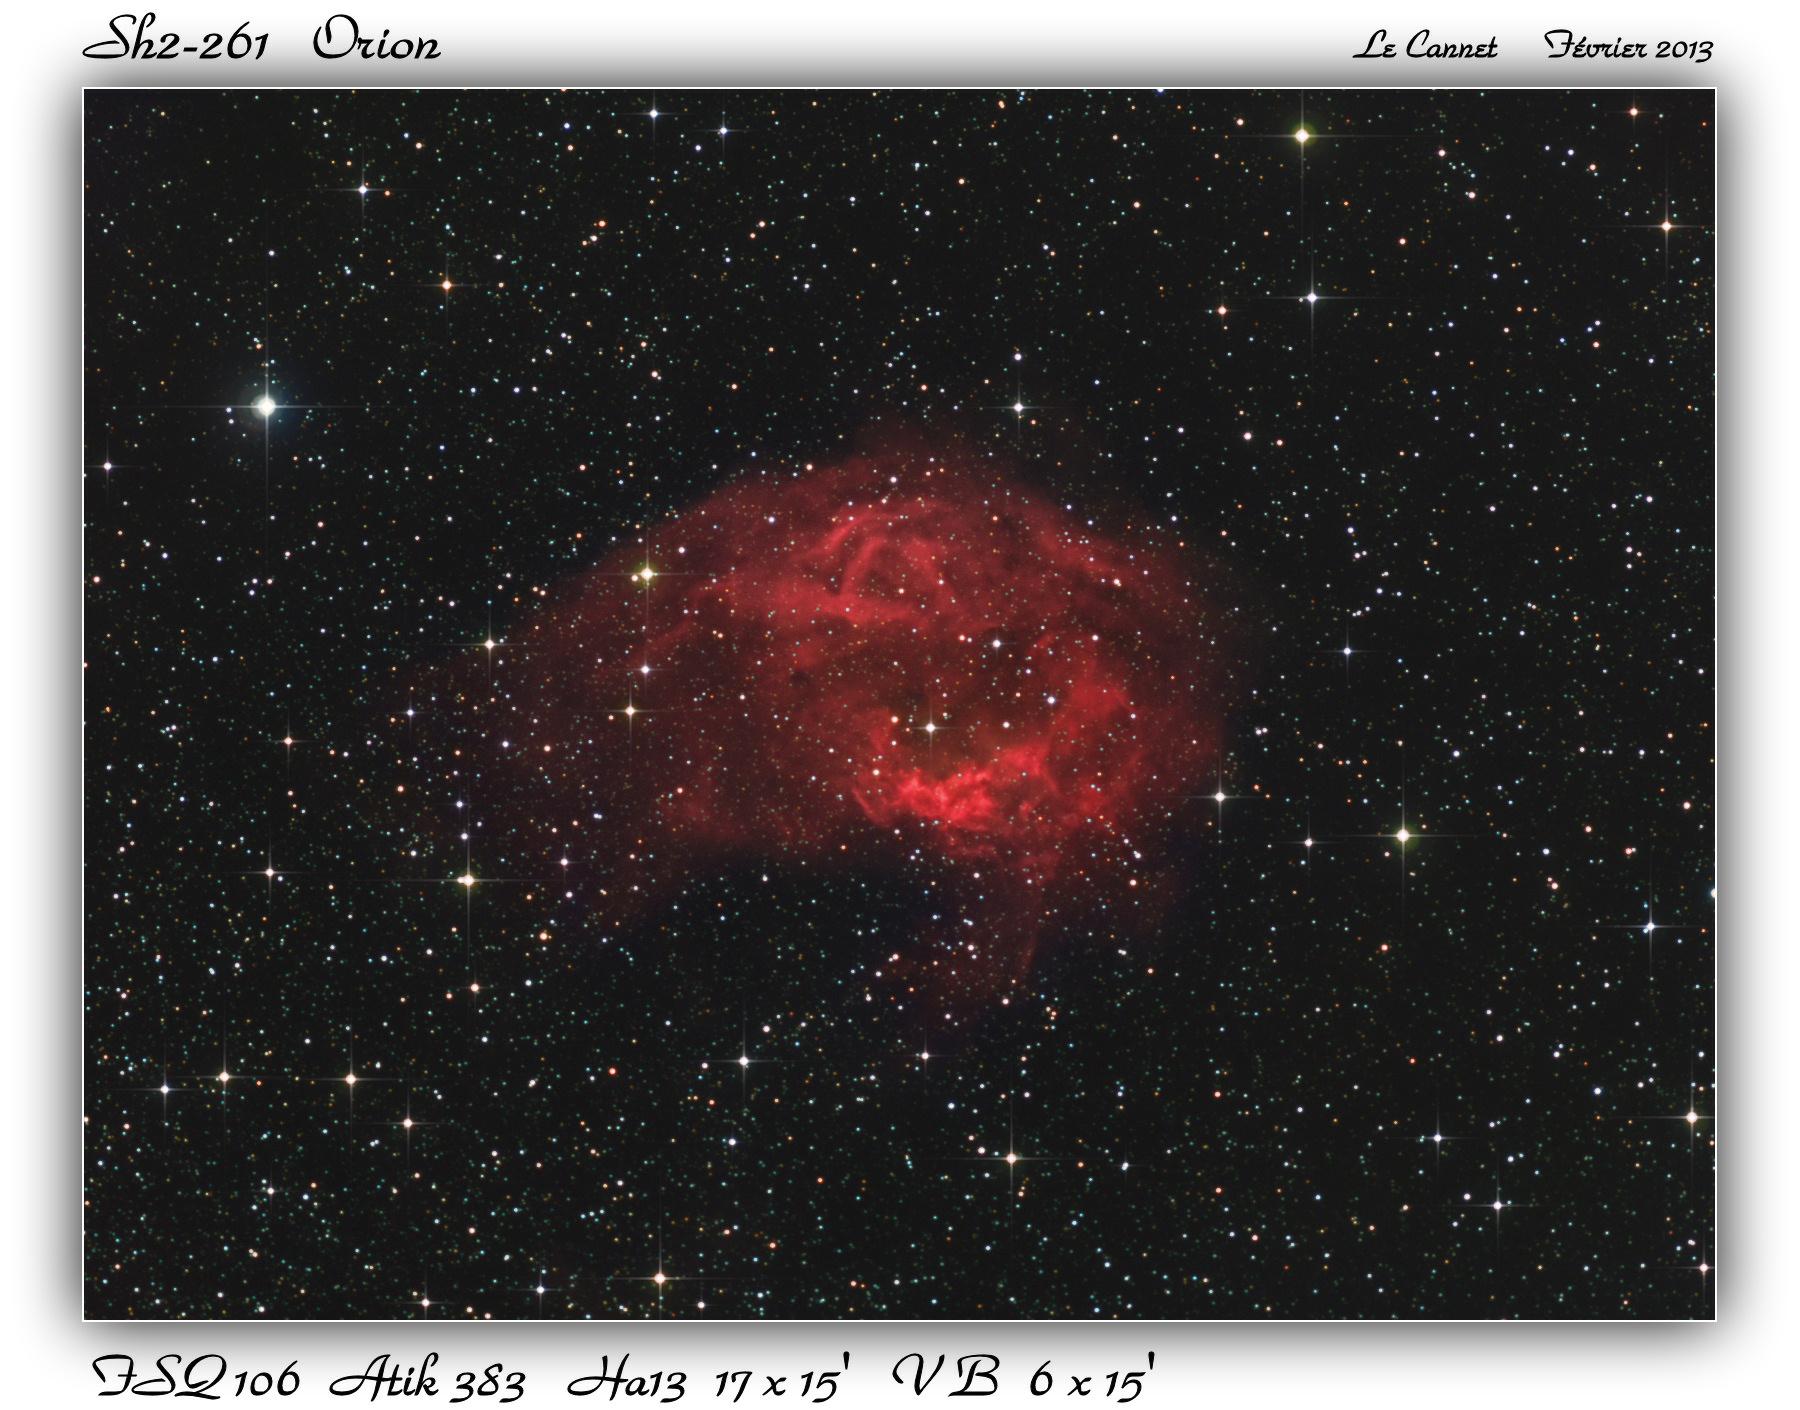 http://www.astrosurf.com/micastro/images/sh2-261_HA%20HaVB.jpg